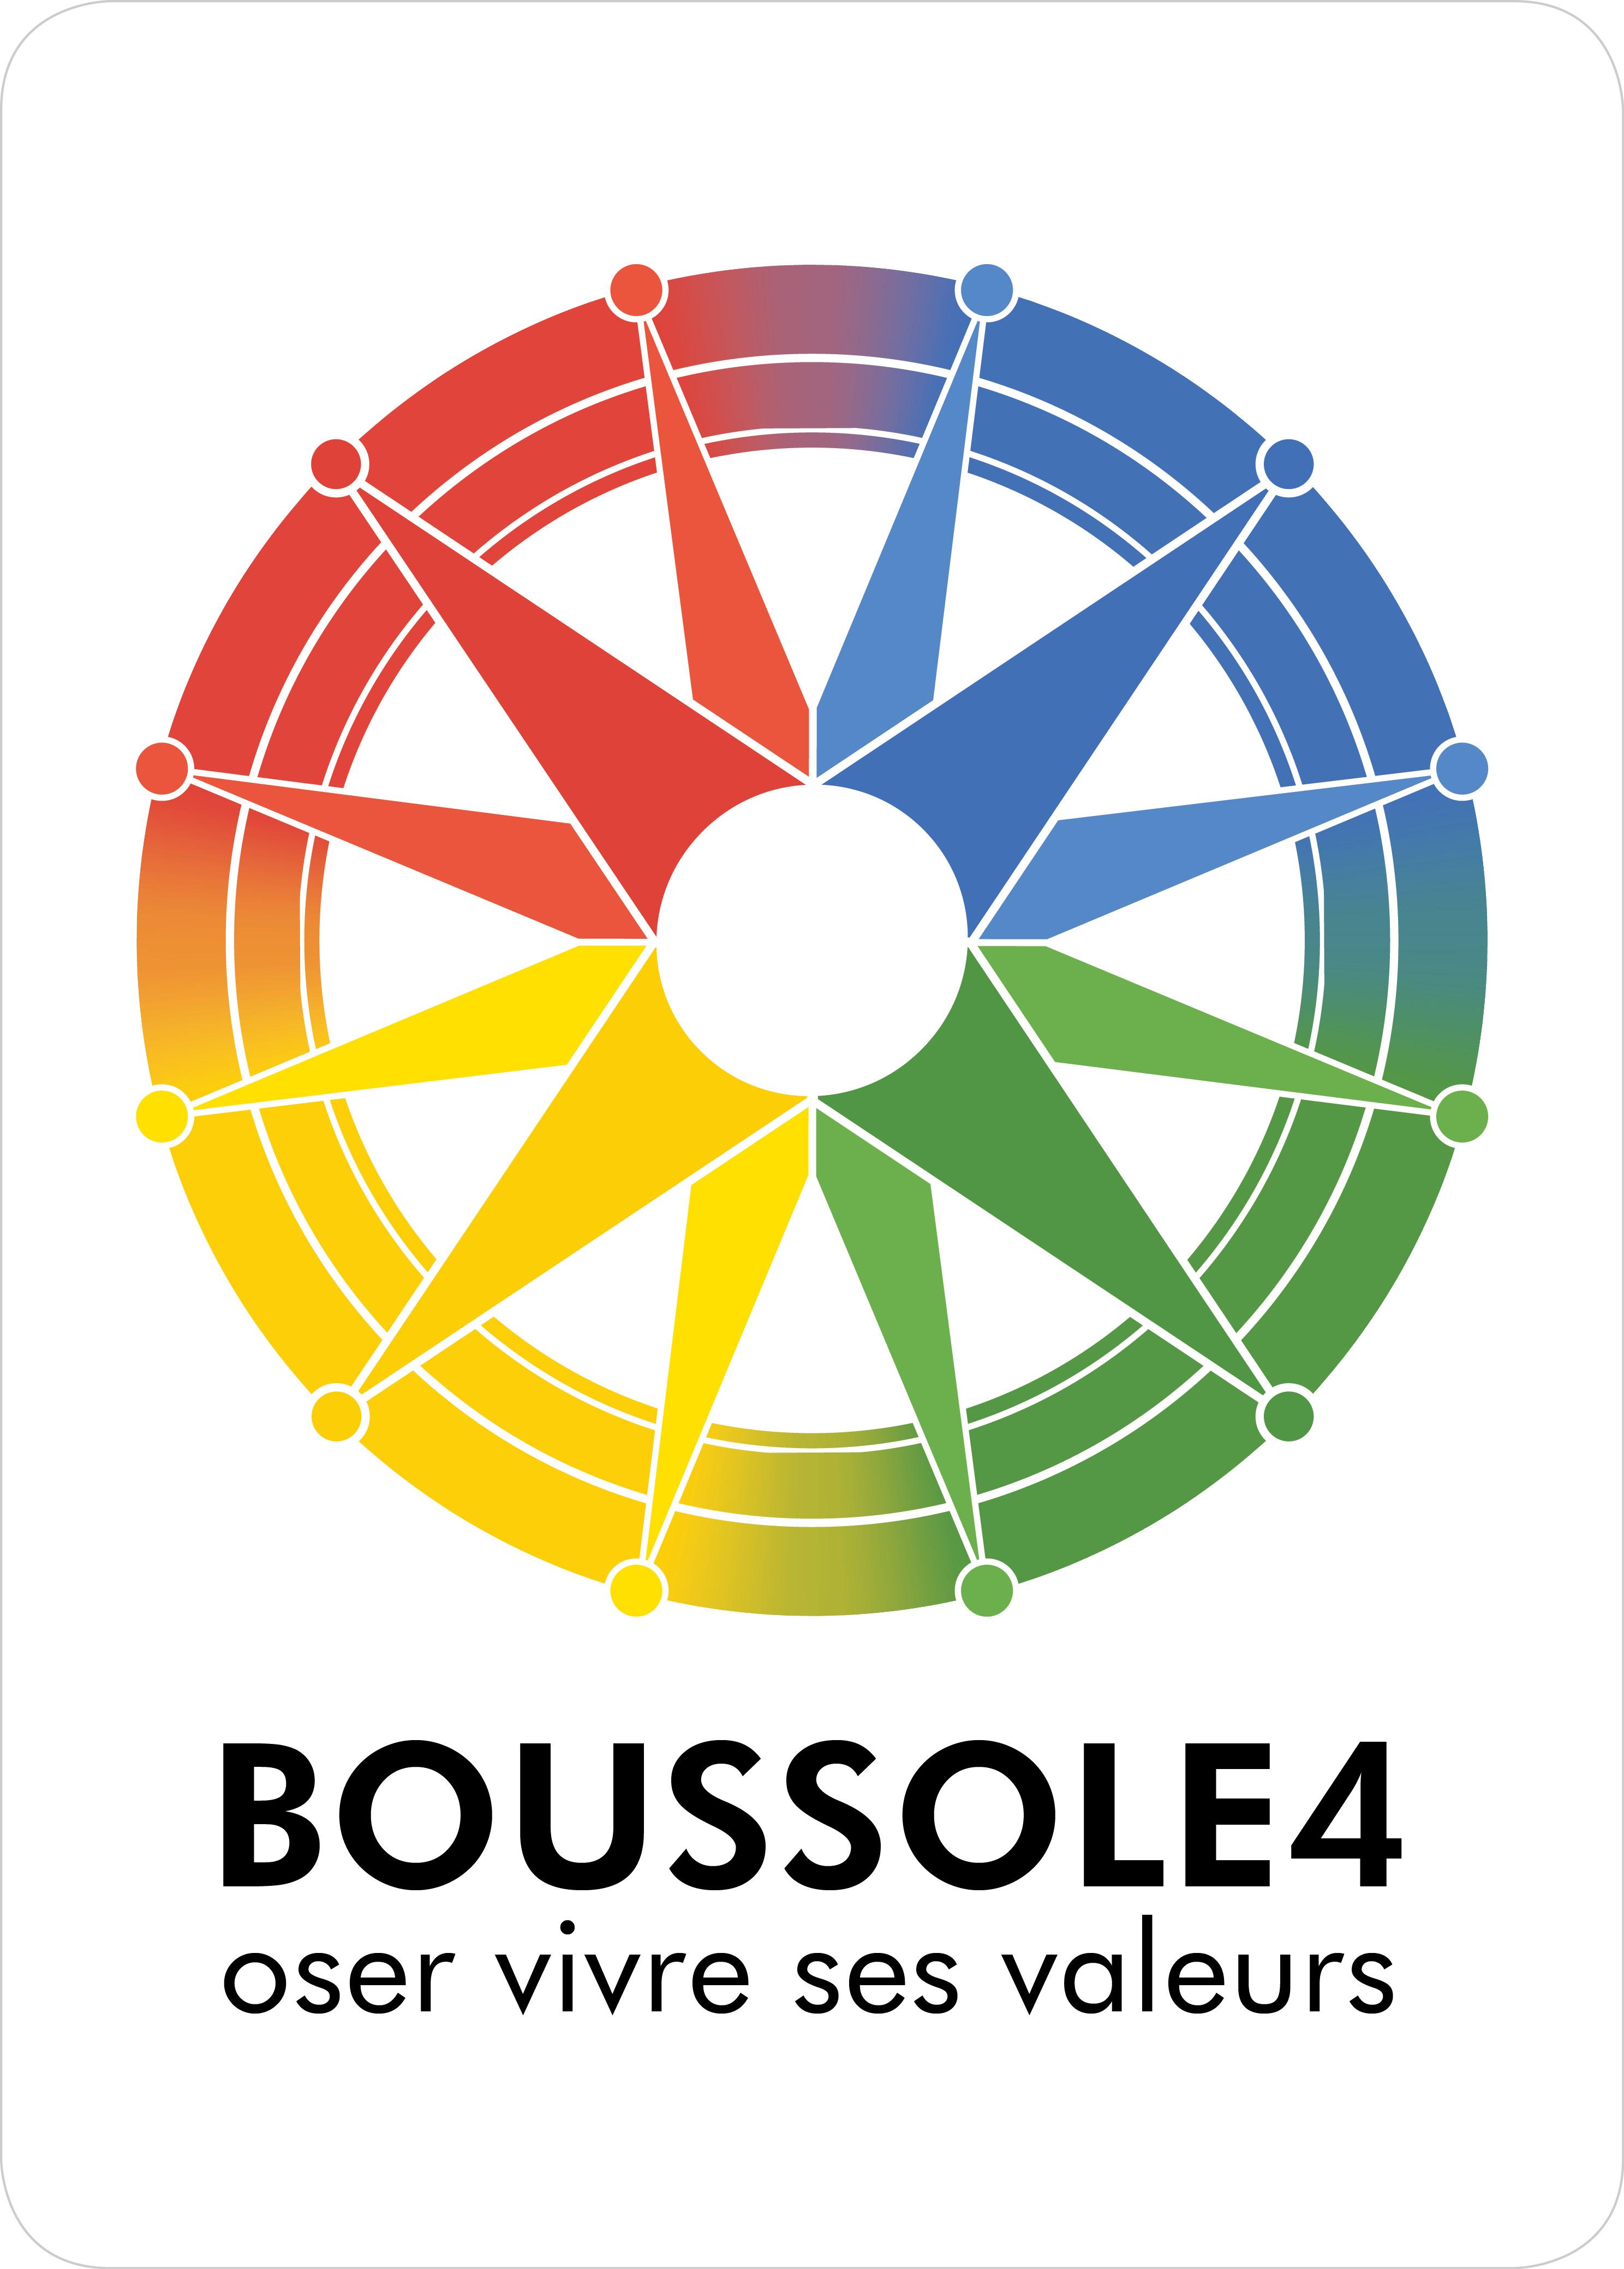 BOUSSOLE4